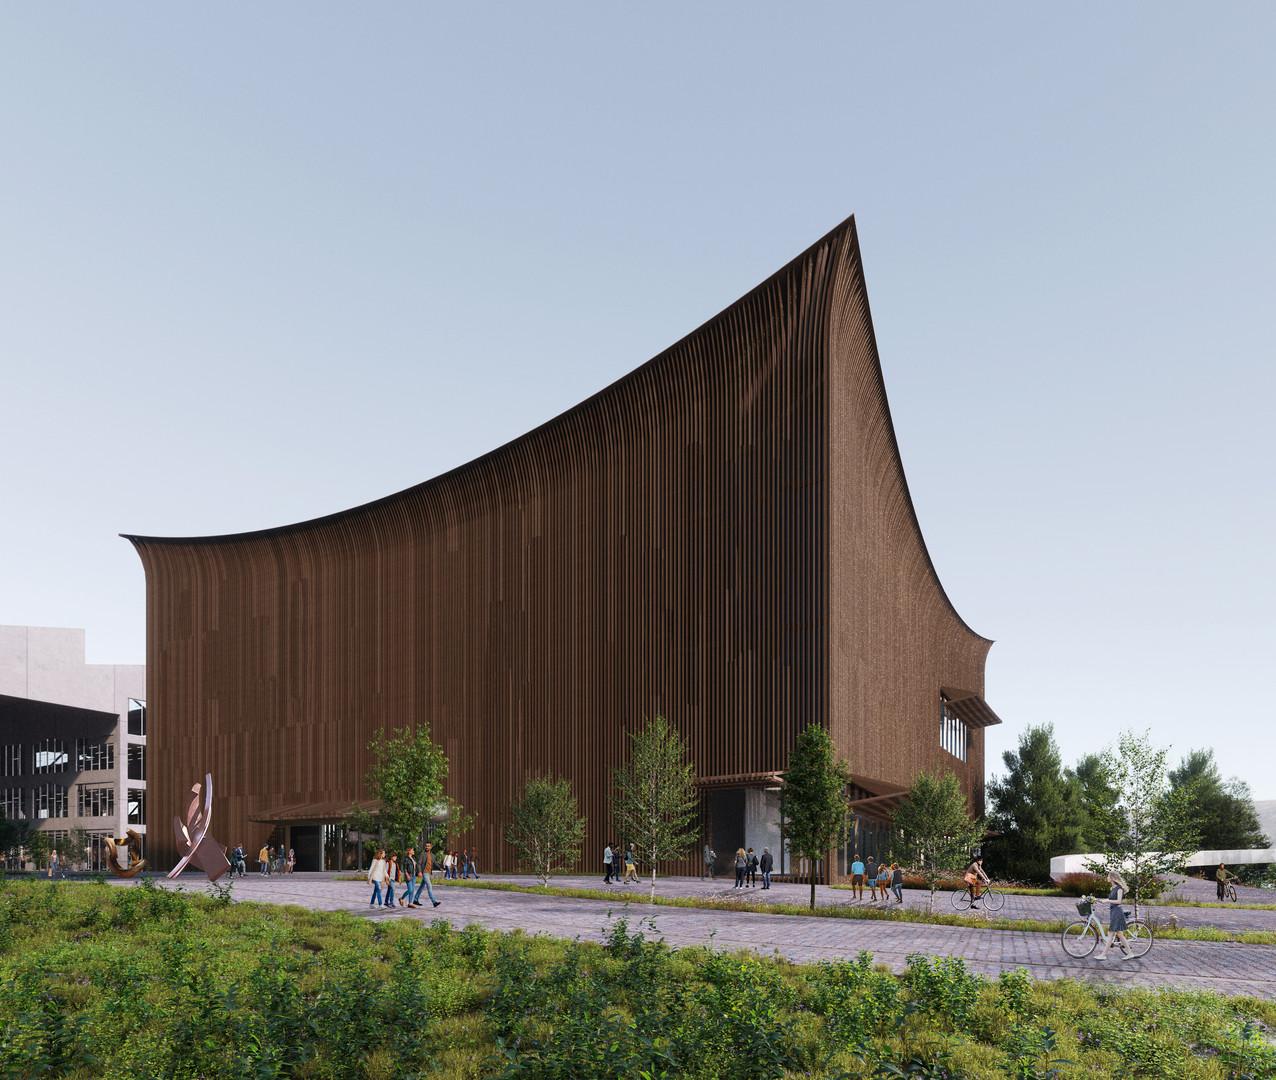 BROEKLIN Huis van de Kunsten